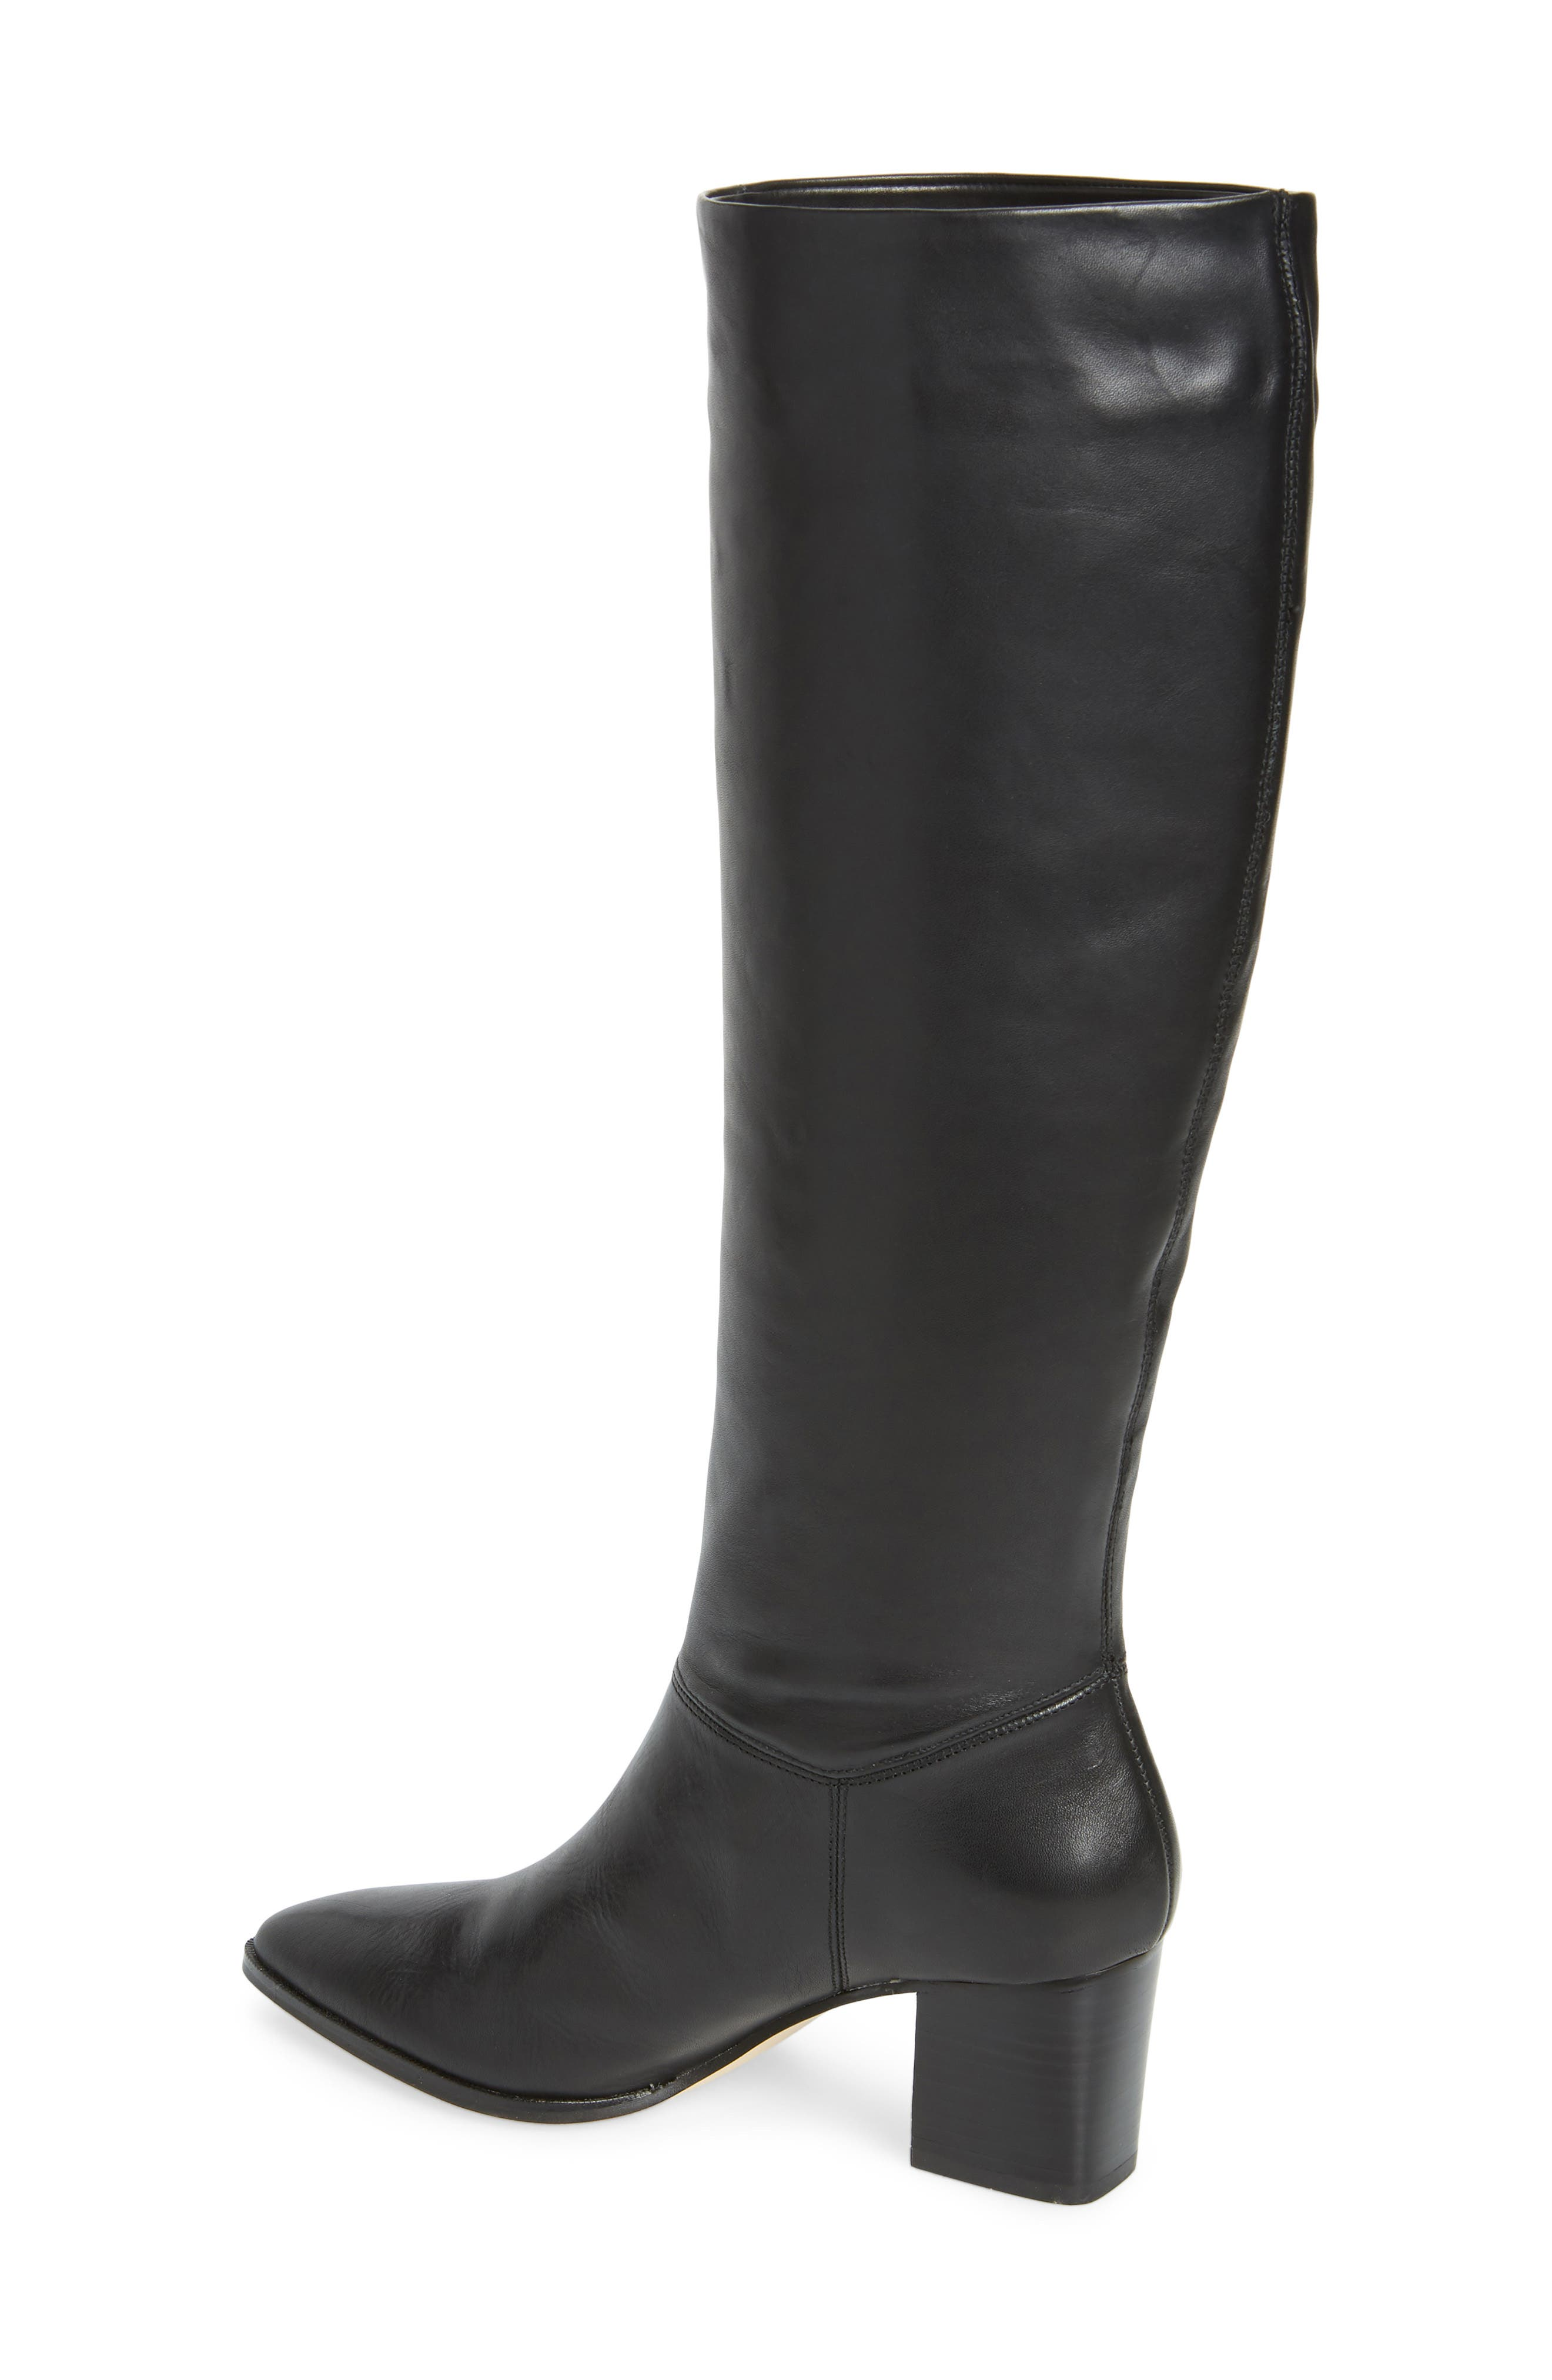 Danilynn Knee High Boot,                             Alternate thumbnail 2, color,                             BLACK LEATHER